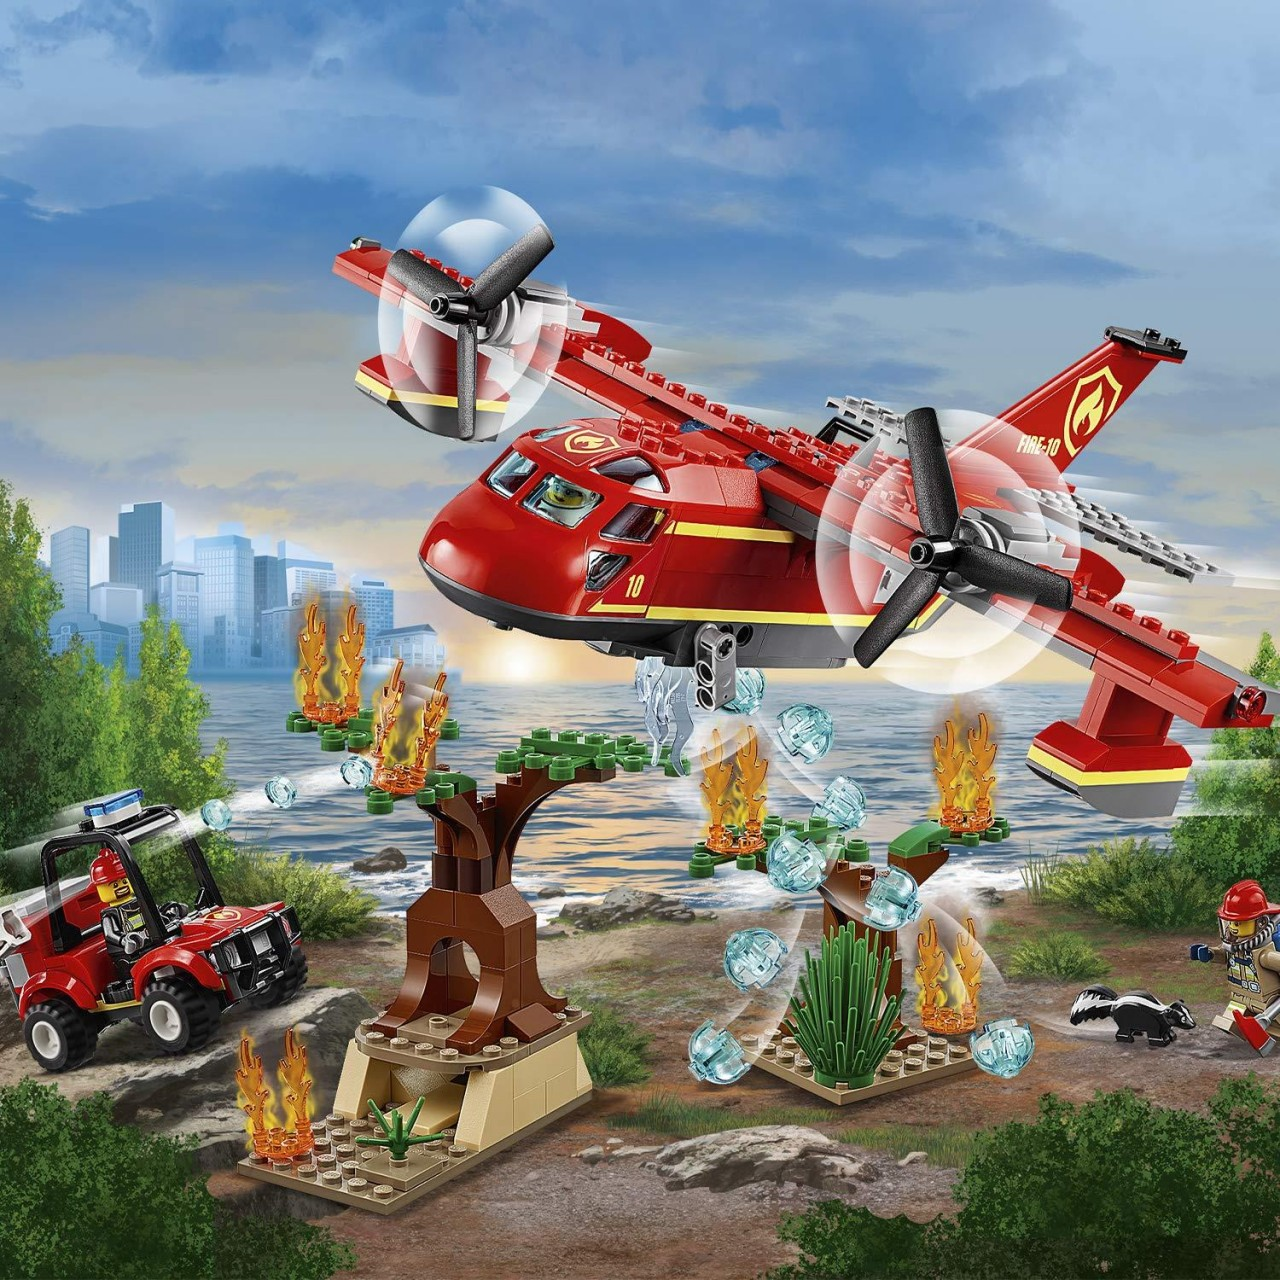 LEGO CITY 60217 Löschflugzeug der Feuerwehr